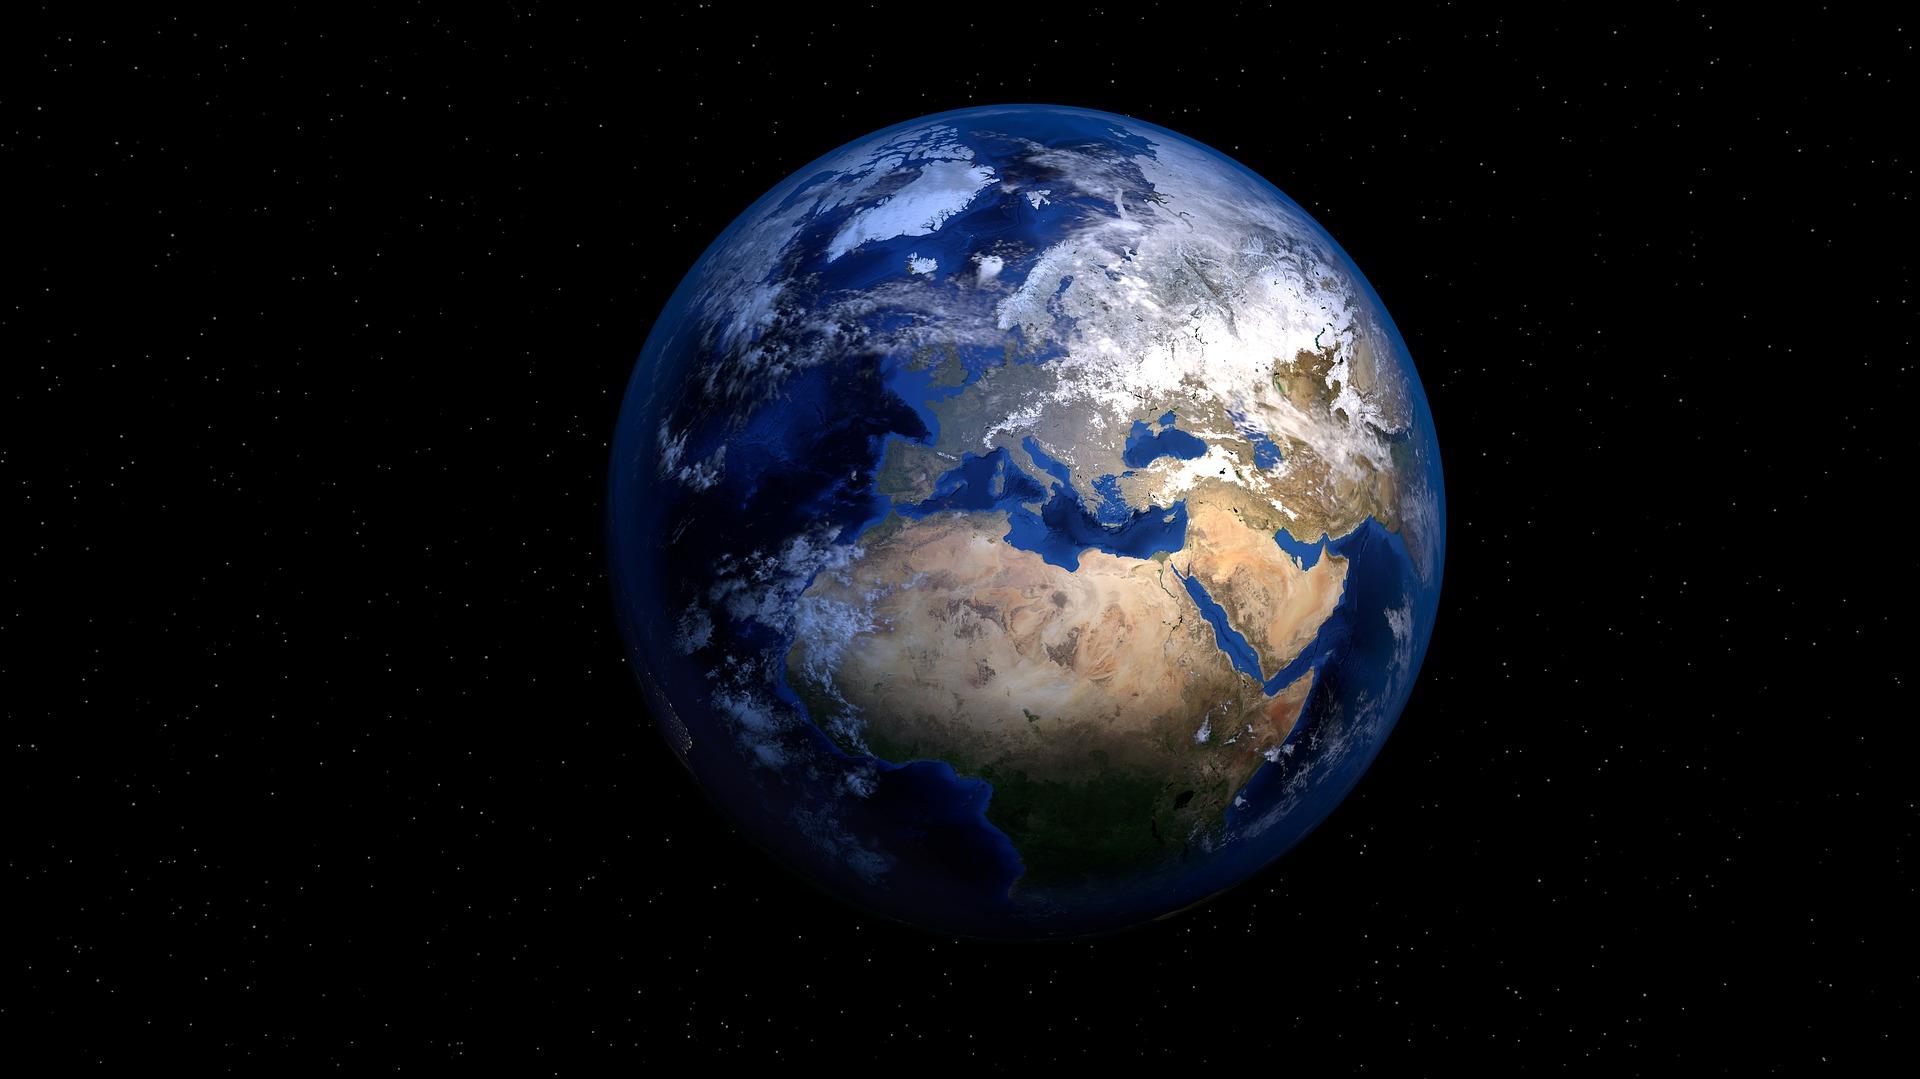 В Google Maps з'явиласяможливість побачити планети Сонячної системи